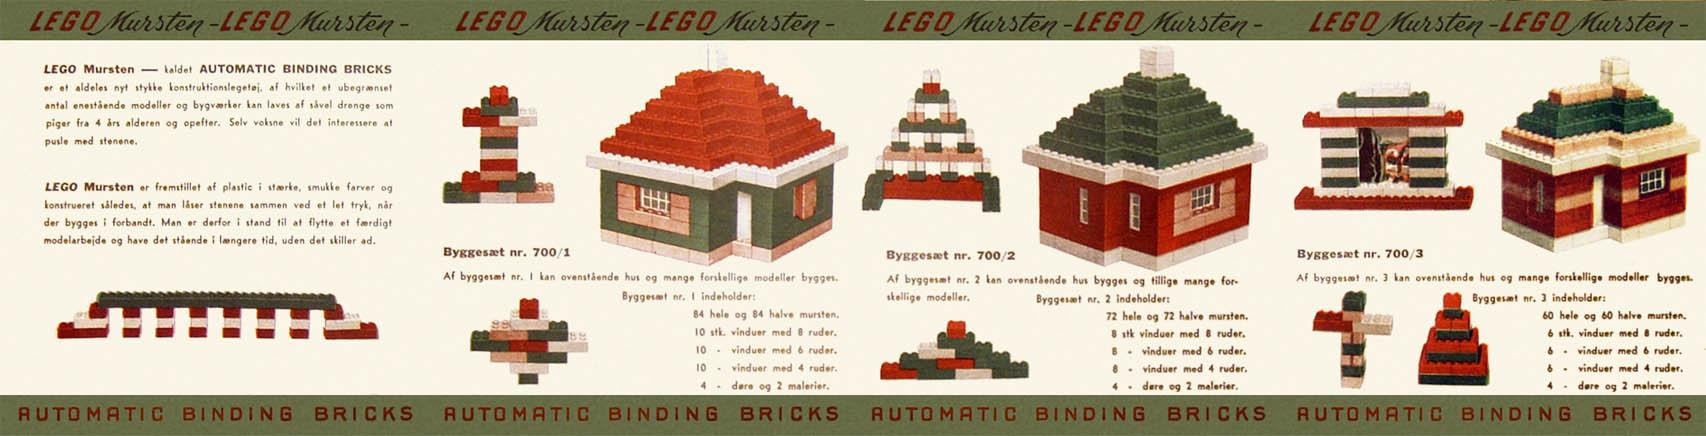 lego-1950s-lauren-blog.jpg